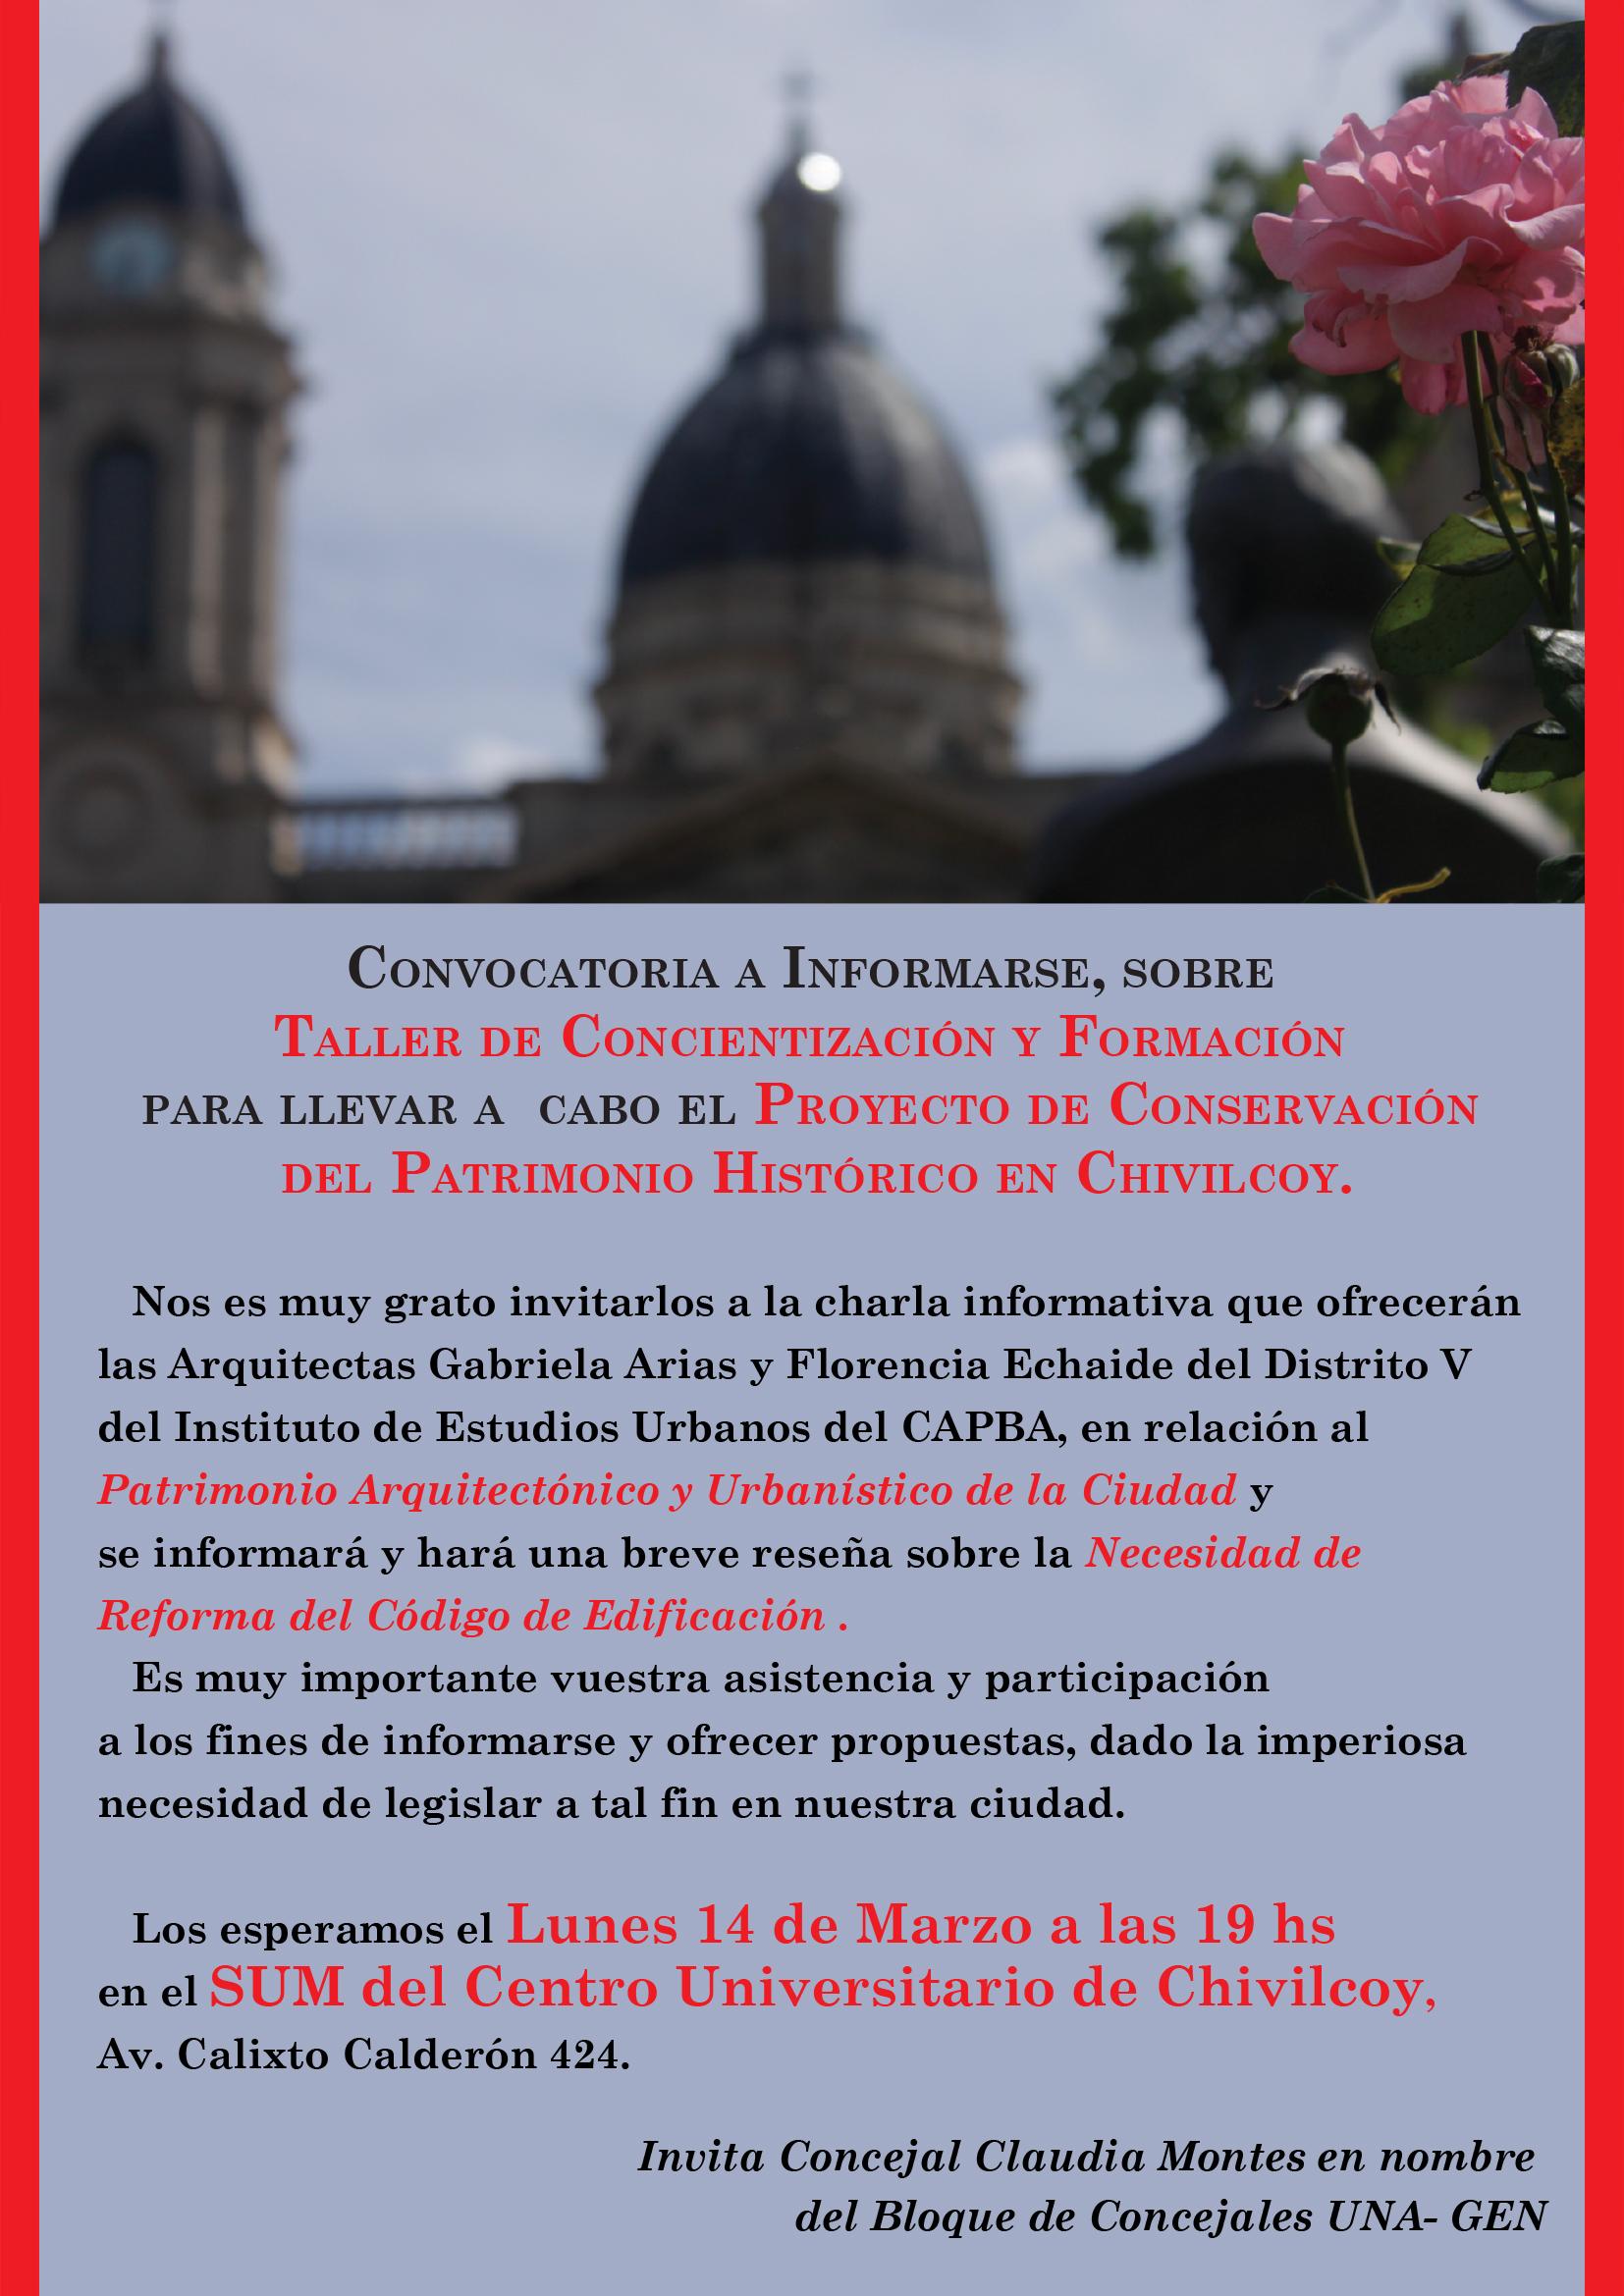 afiche curso patrimonio historico chivilcoy